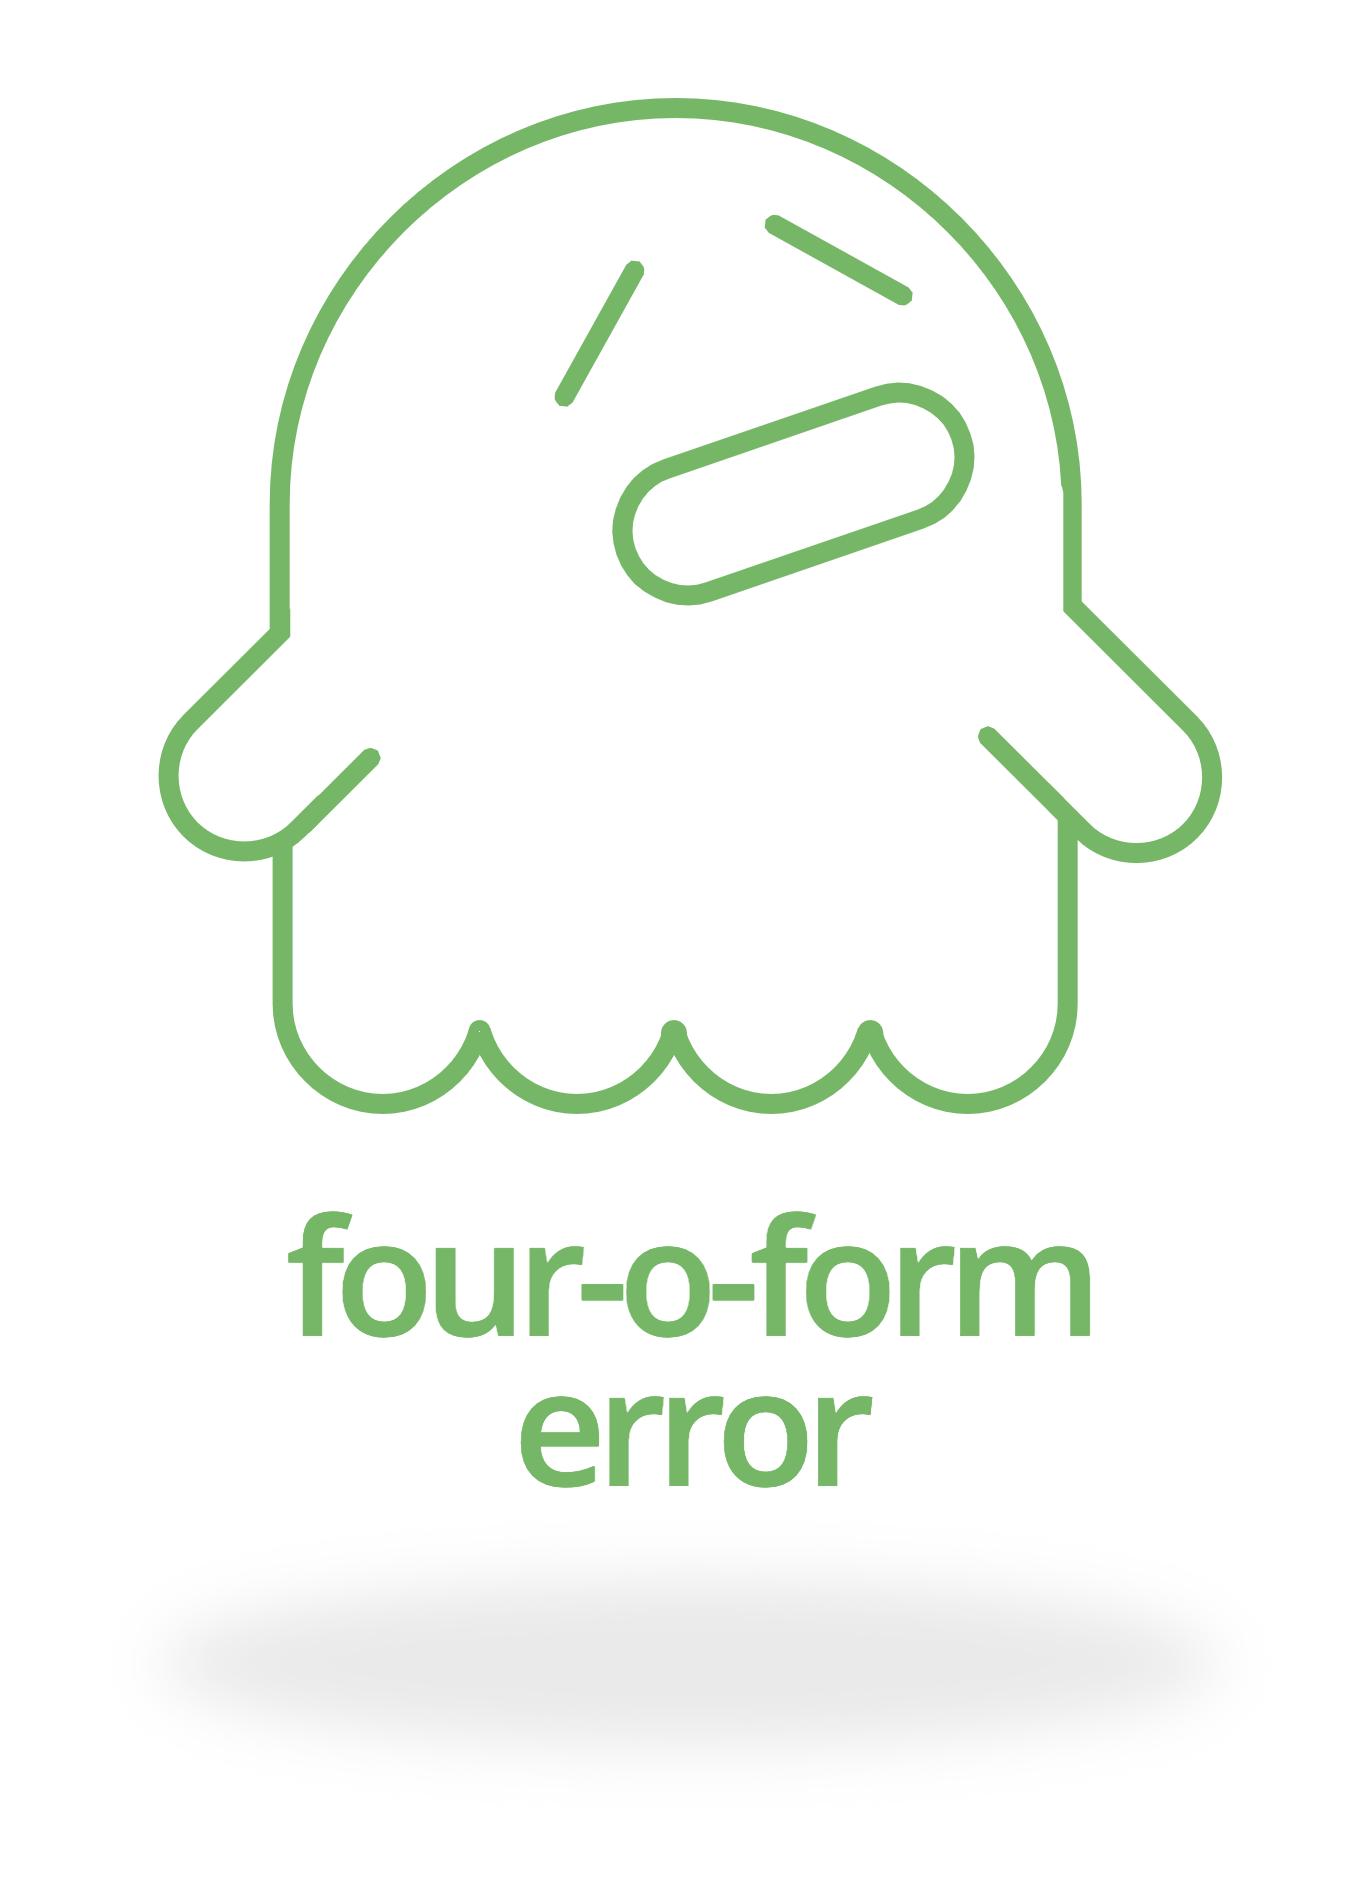 Four-o-form error